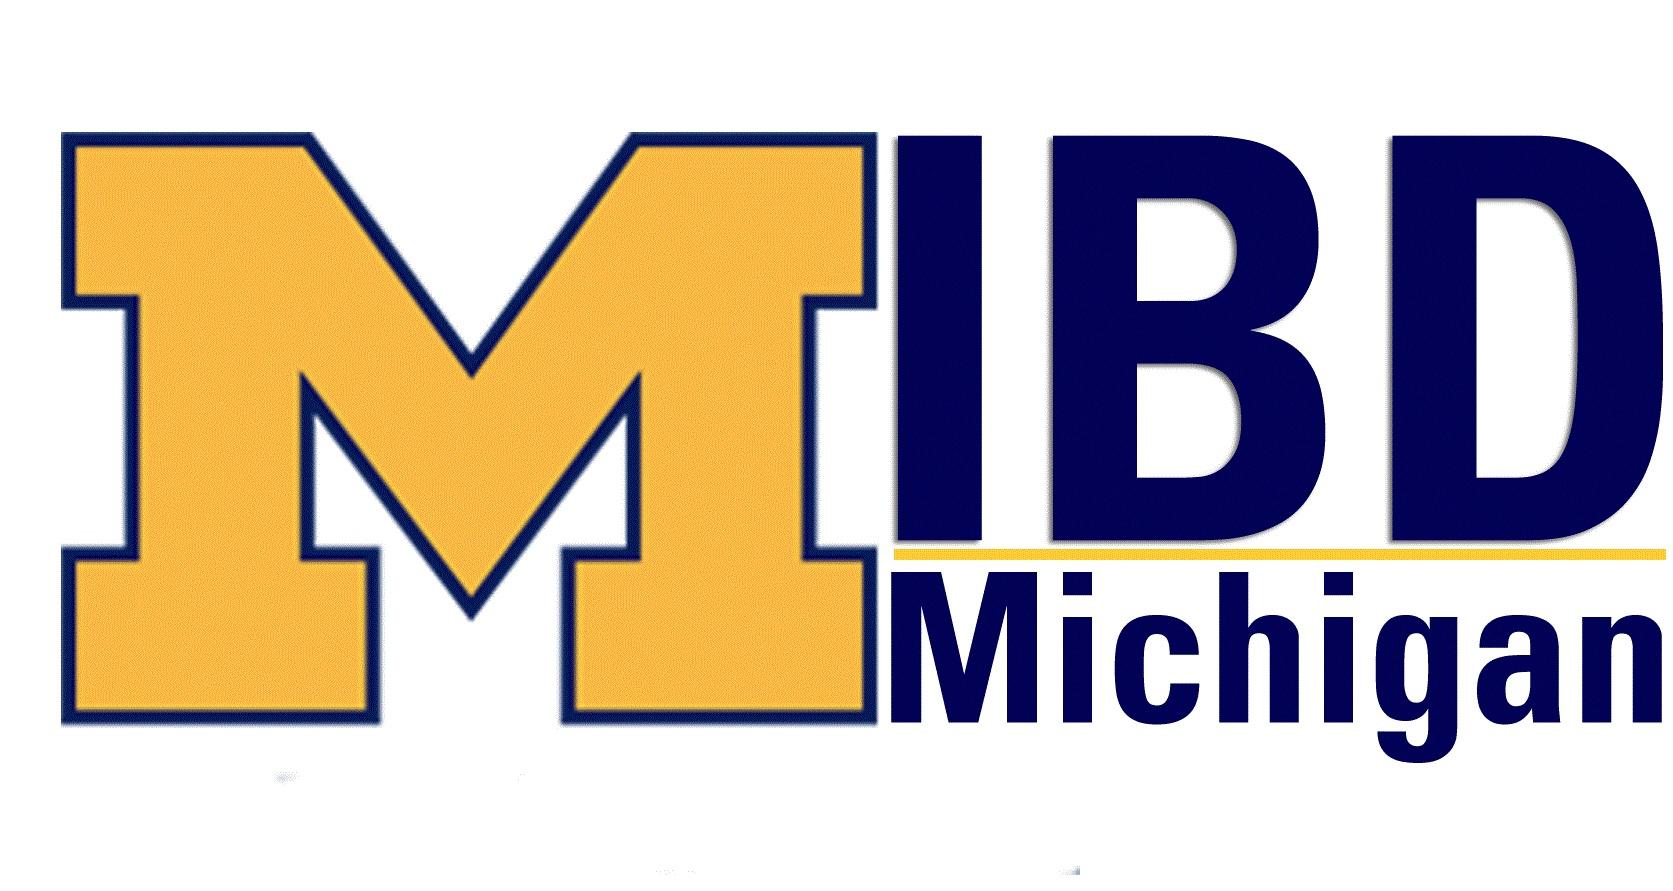 UMIBD logo